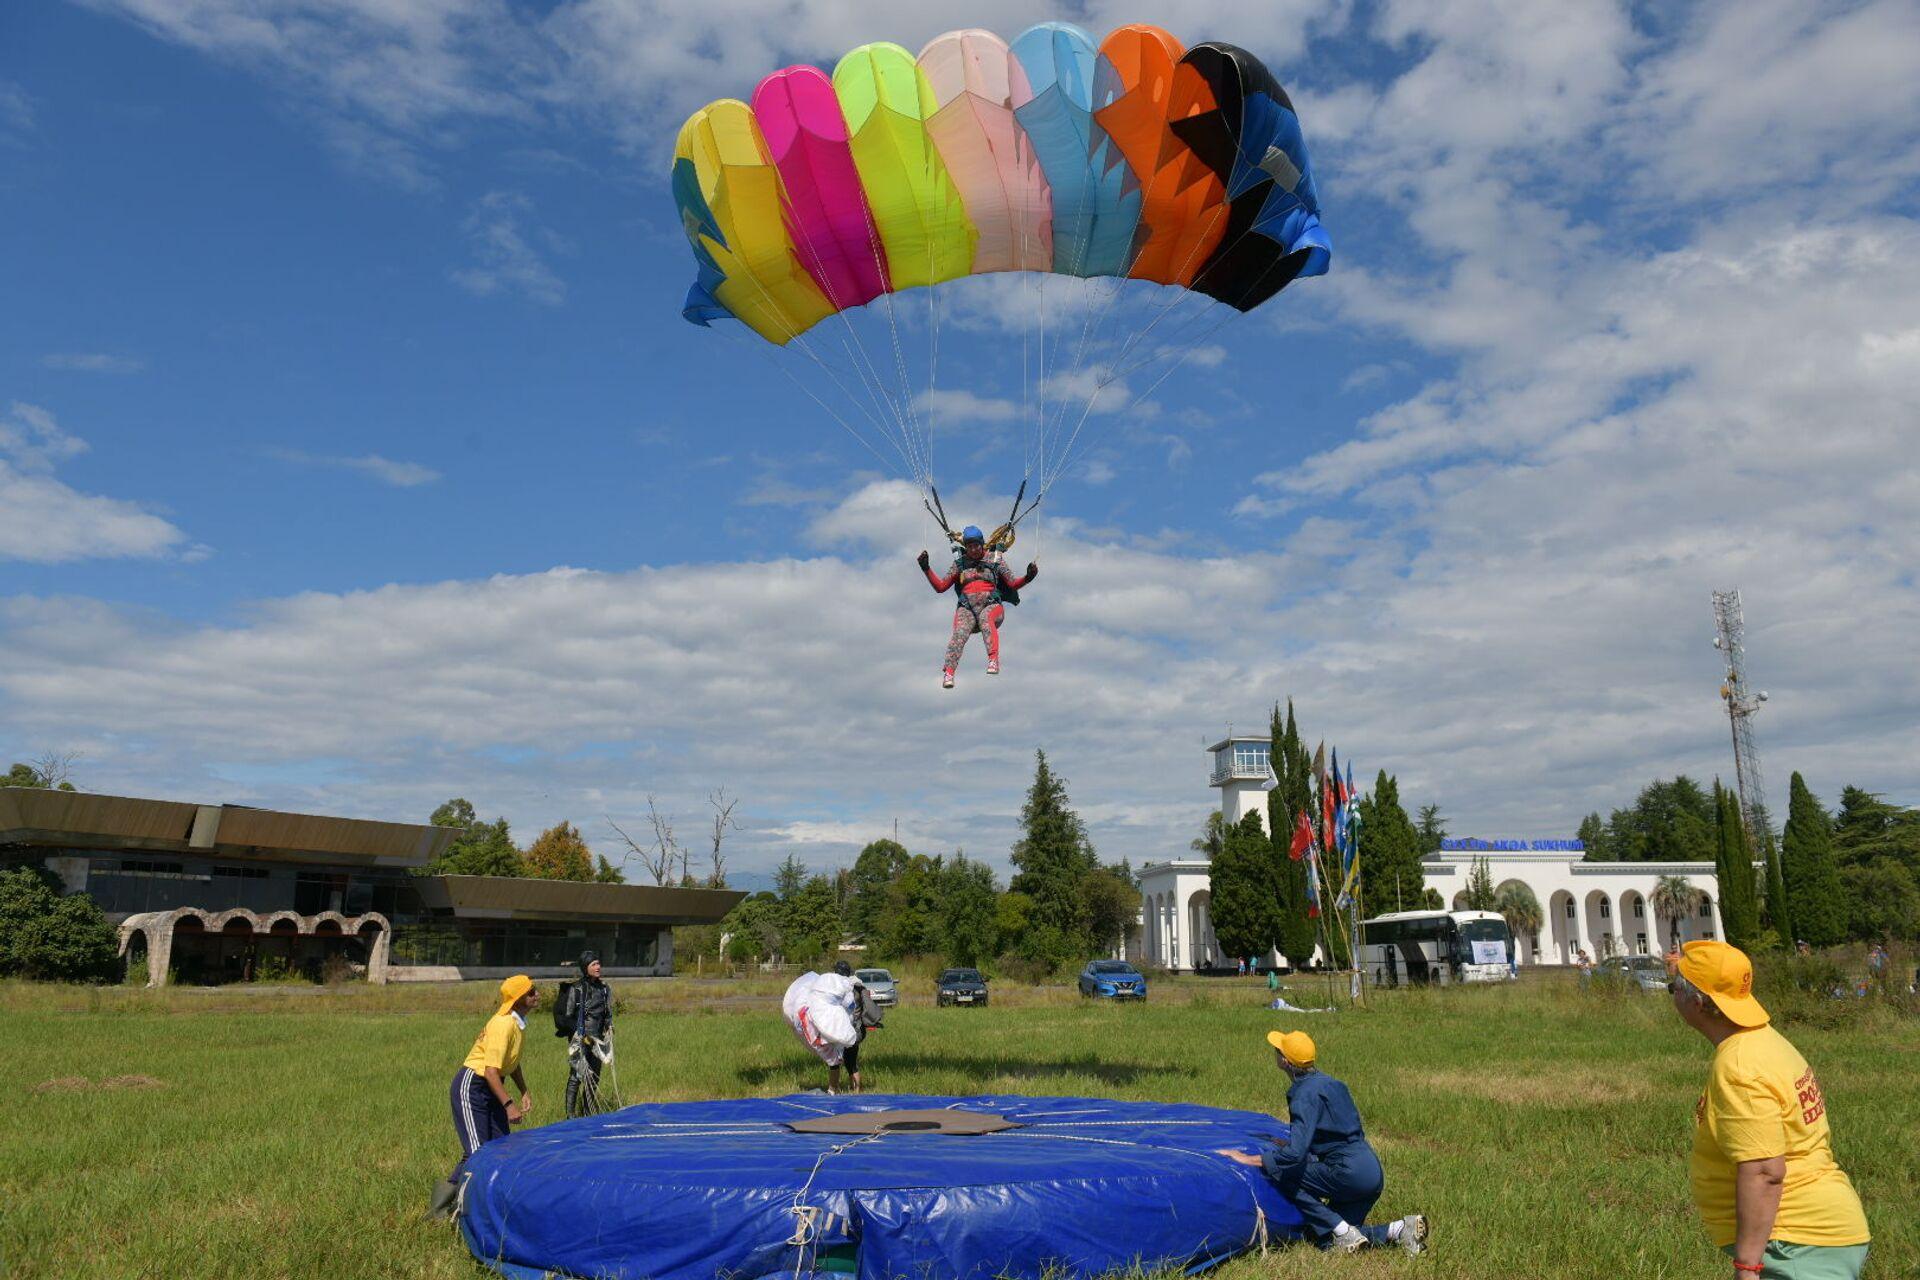 Cоревнования по парашютному спорту открылись в Абхазии - Sputnik Абхазия, 1920, 12.10.2021